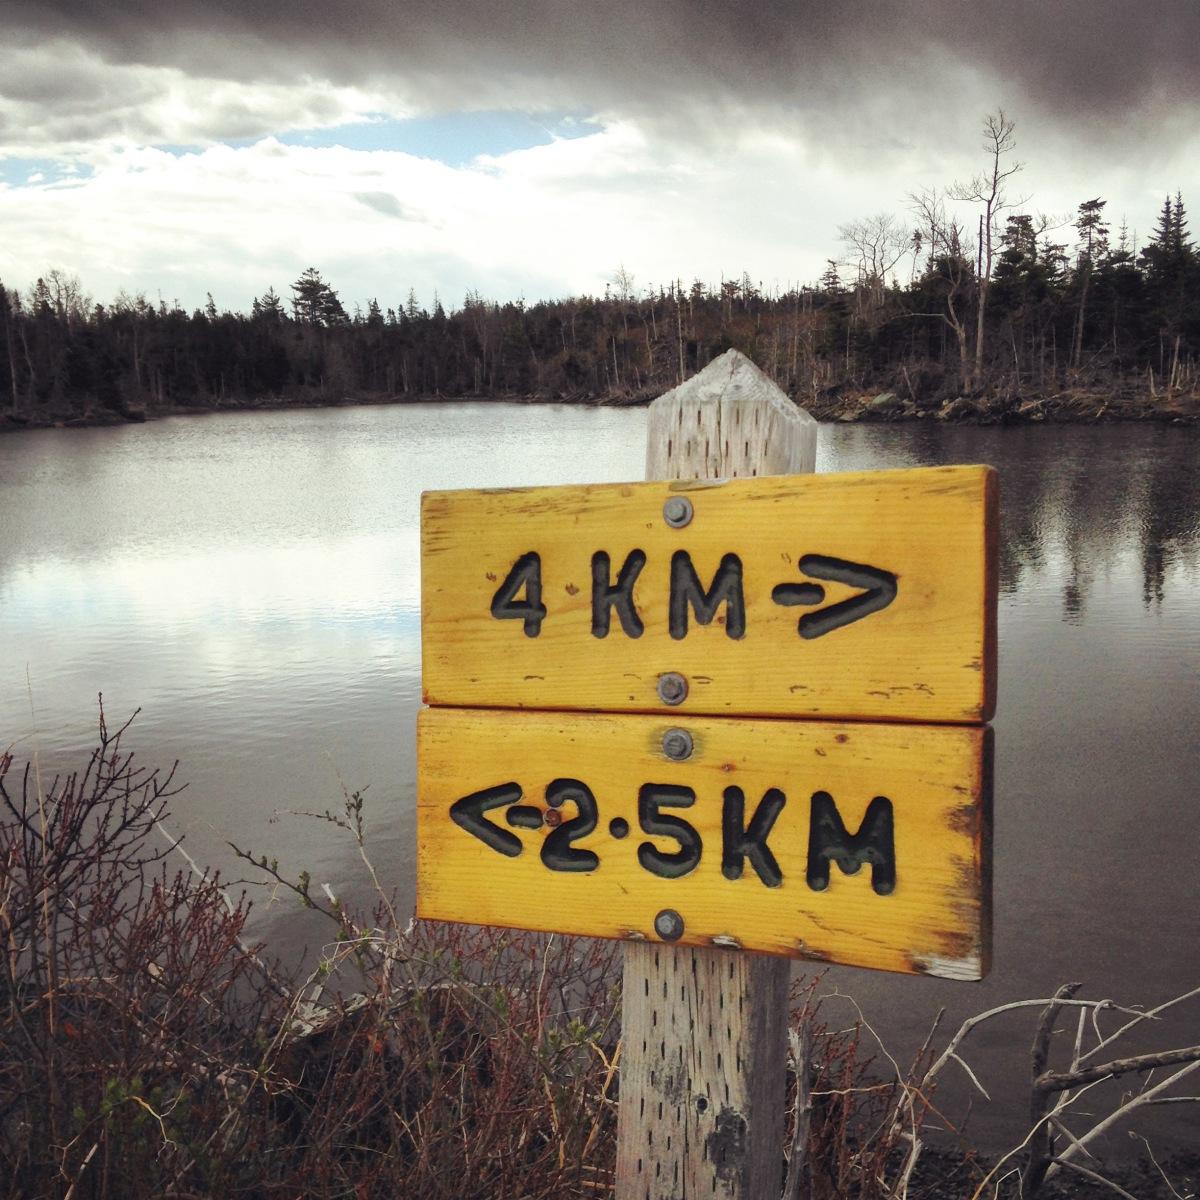 Salt Marsh Trail off-leash dog-friendly